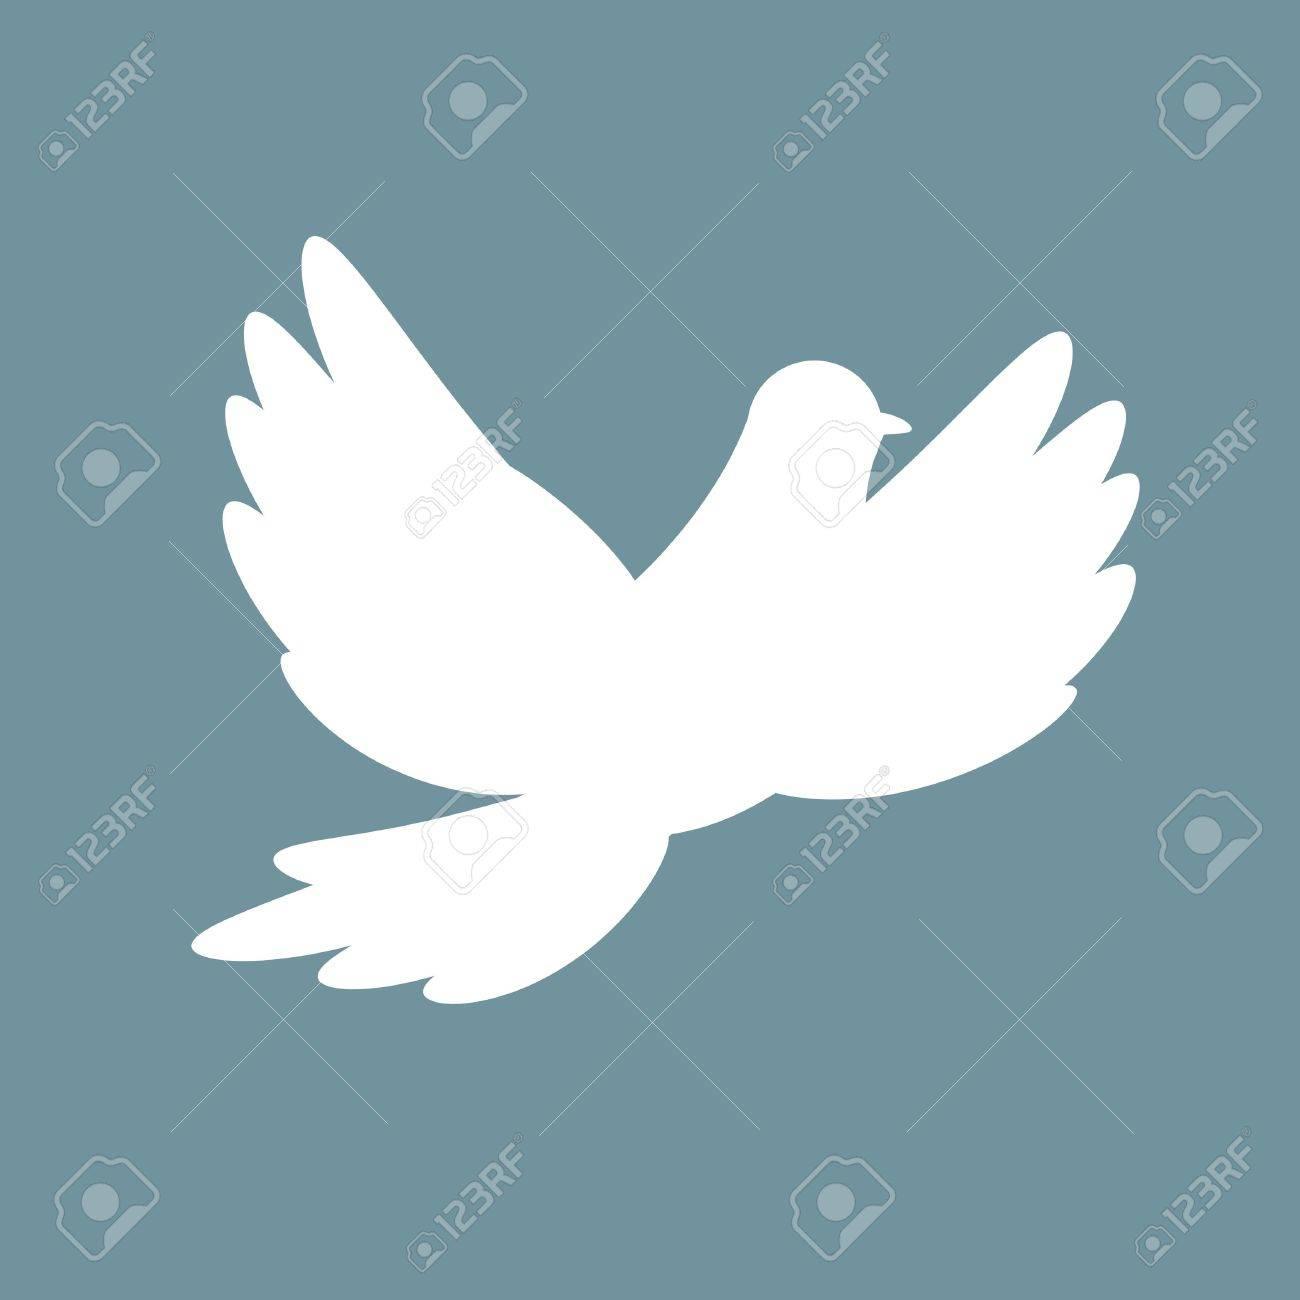 Silhouette of white dove